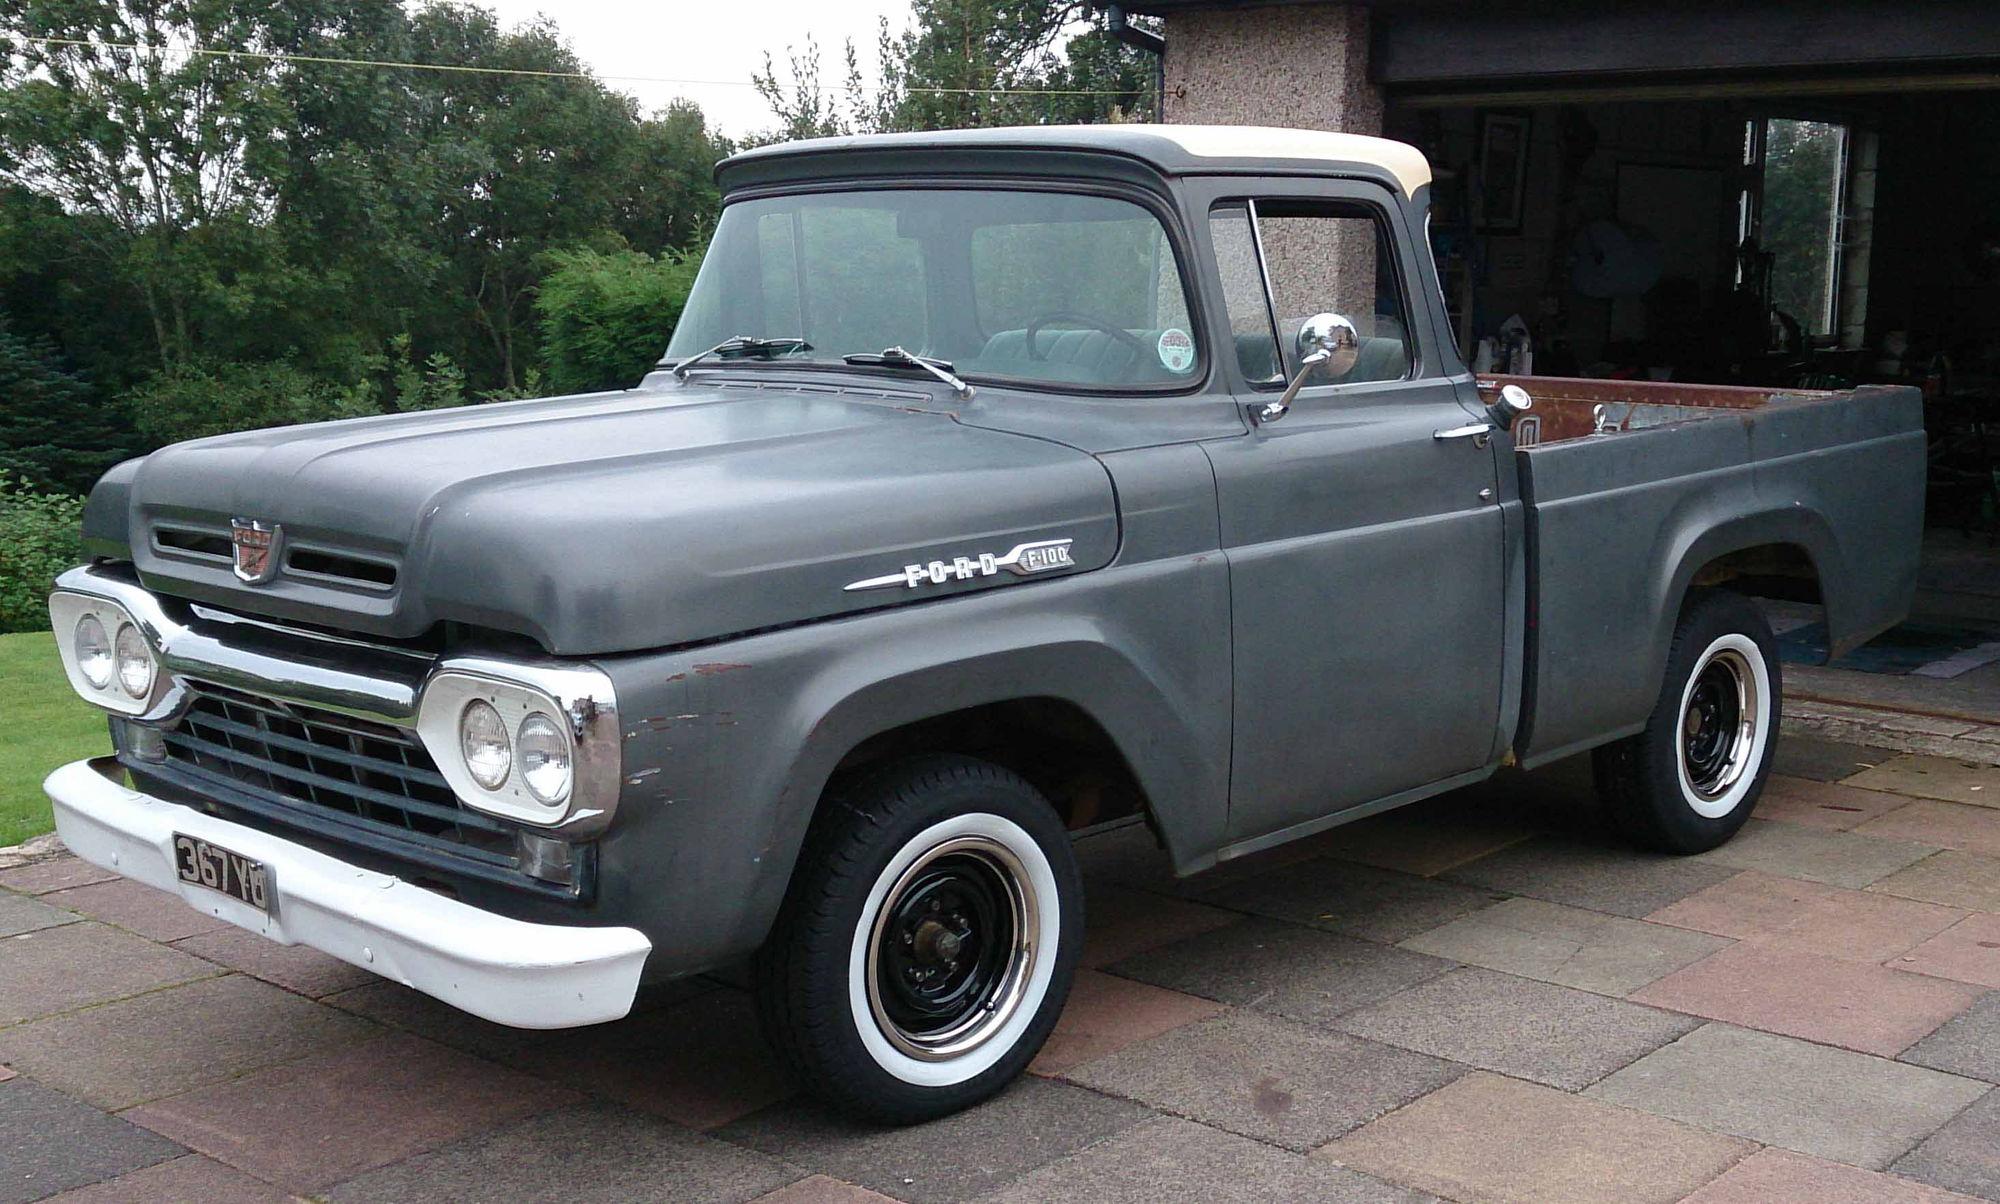 57-60 F100 Lowered/Slammed Pics & Specs - Ford Truck ...  57-60 F100 Lowe...